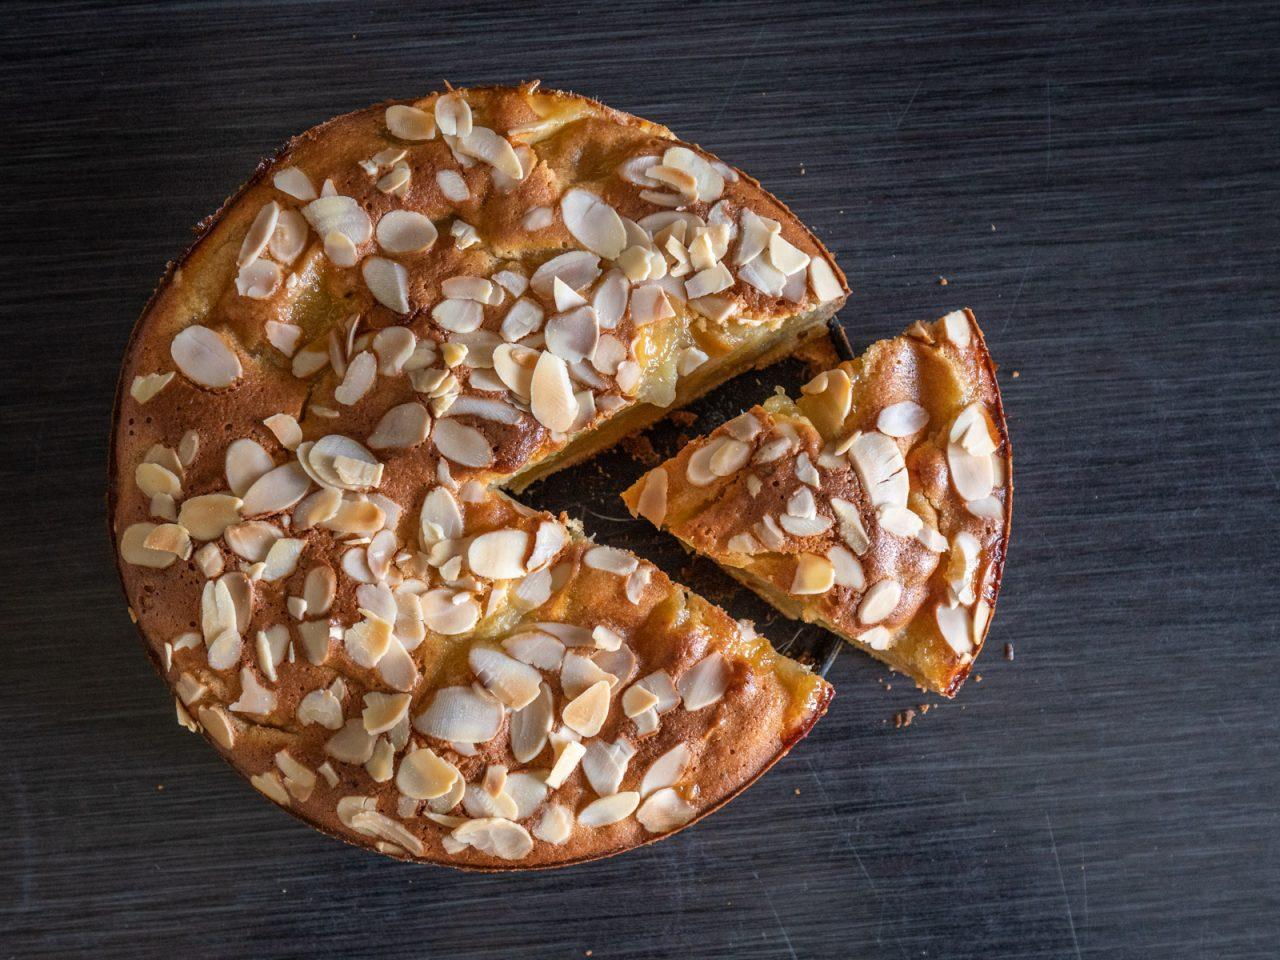 Gâteau normand aux pommes (Normandische appelcake)